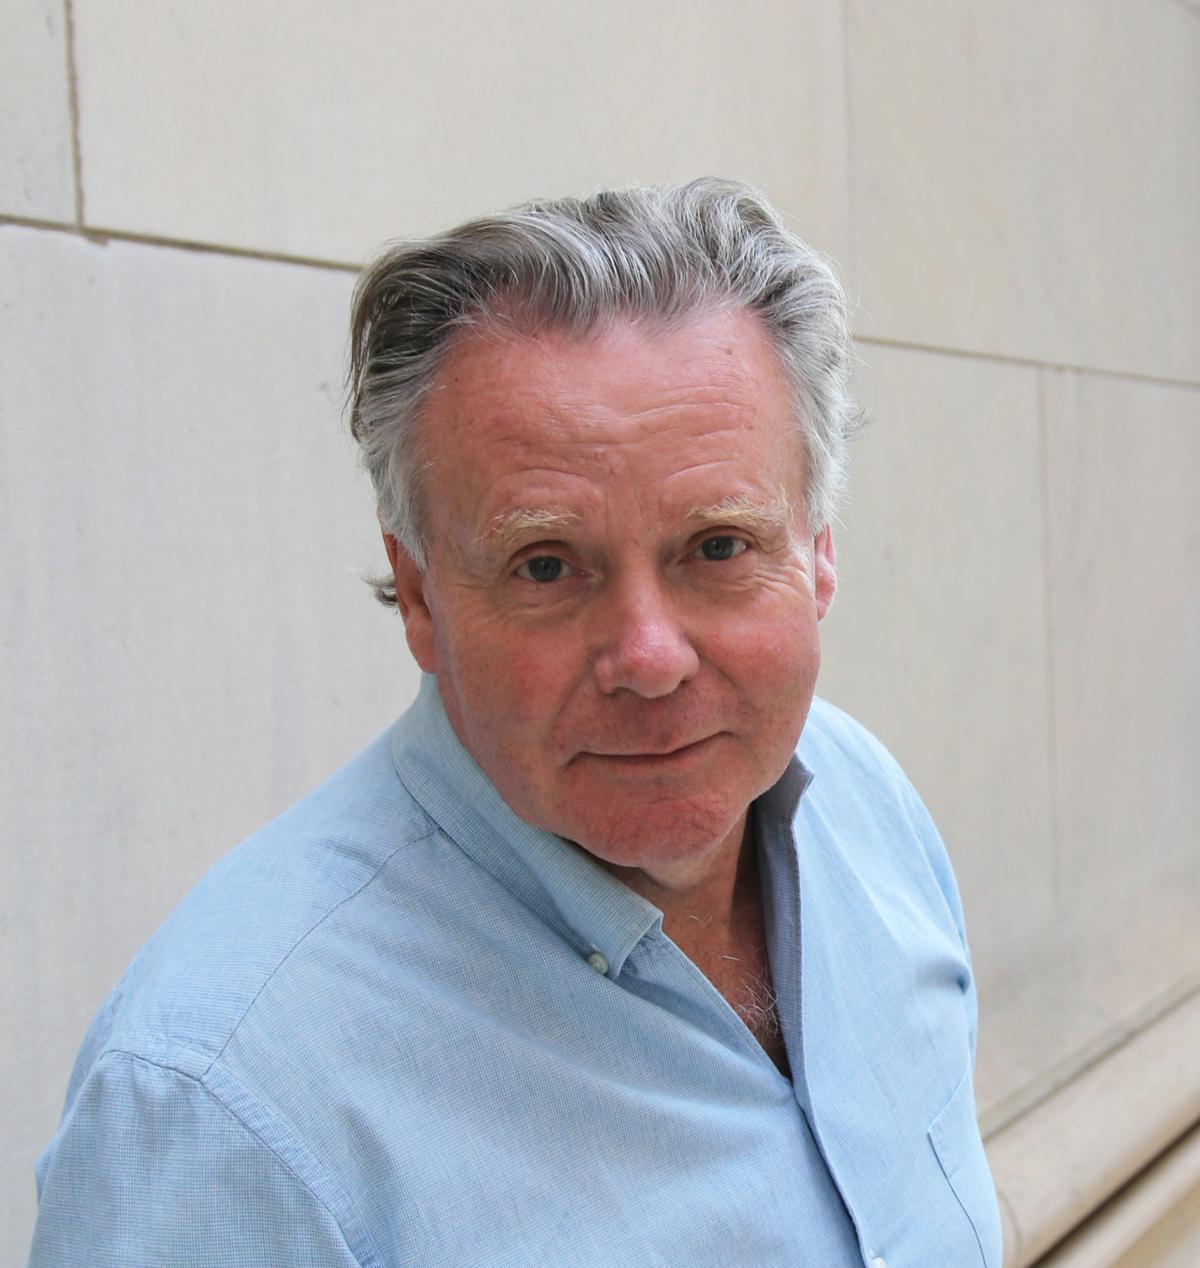 Tim Breene